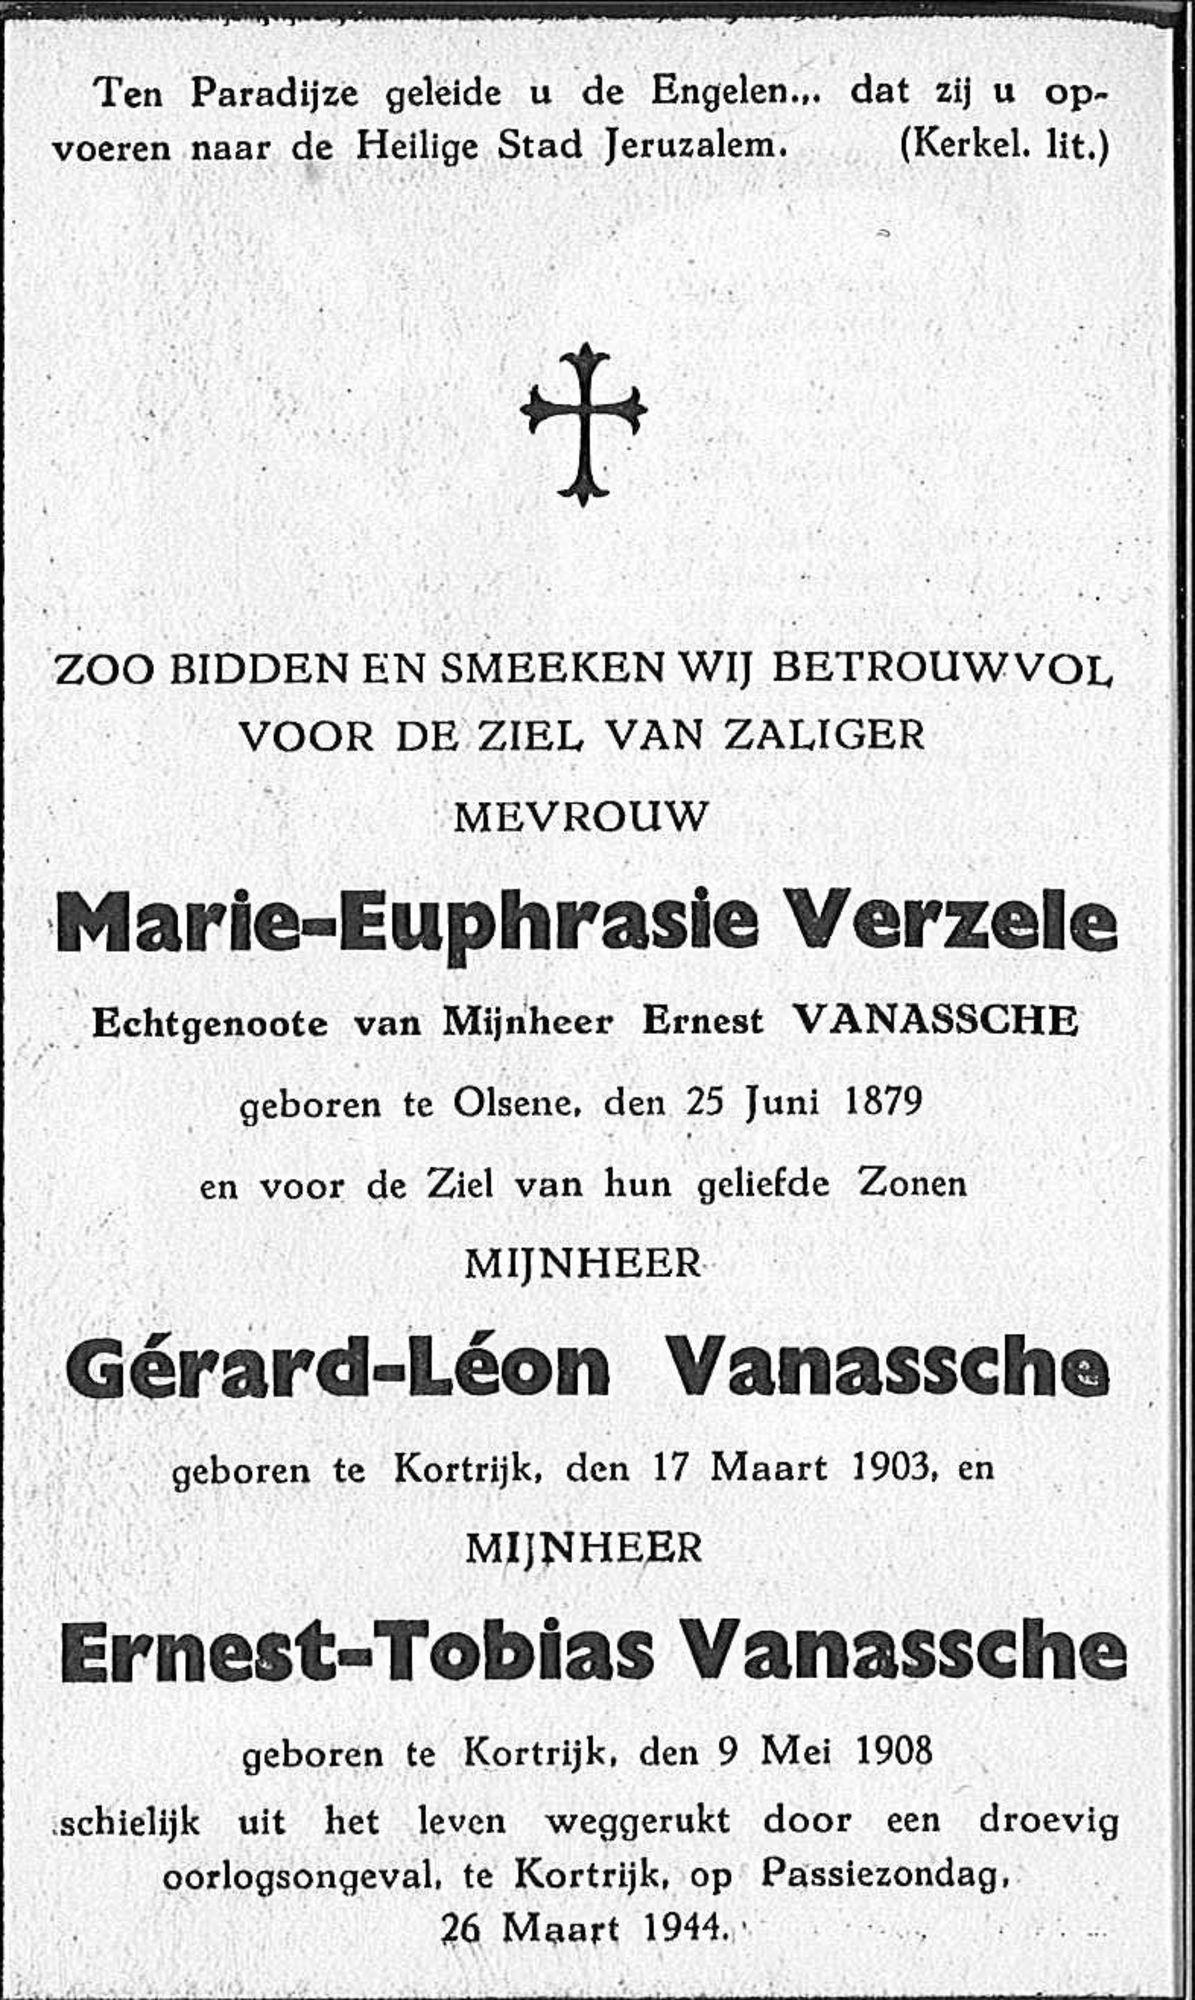 Ernest-Tobias Vanassche